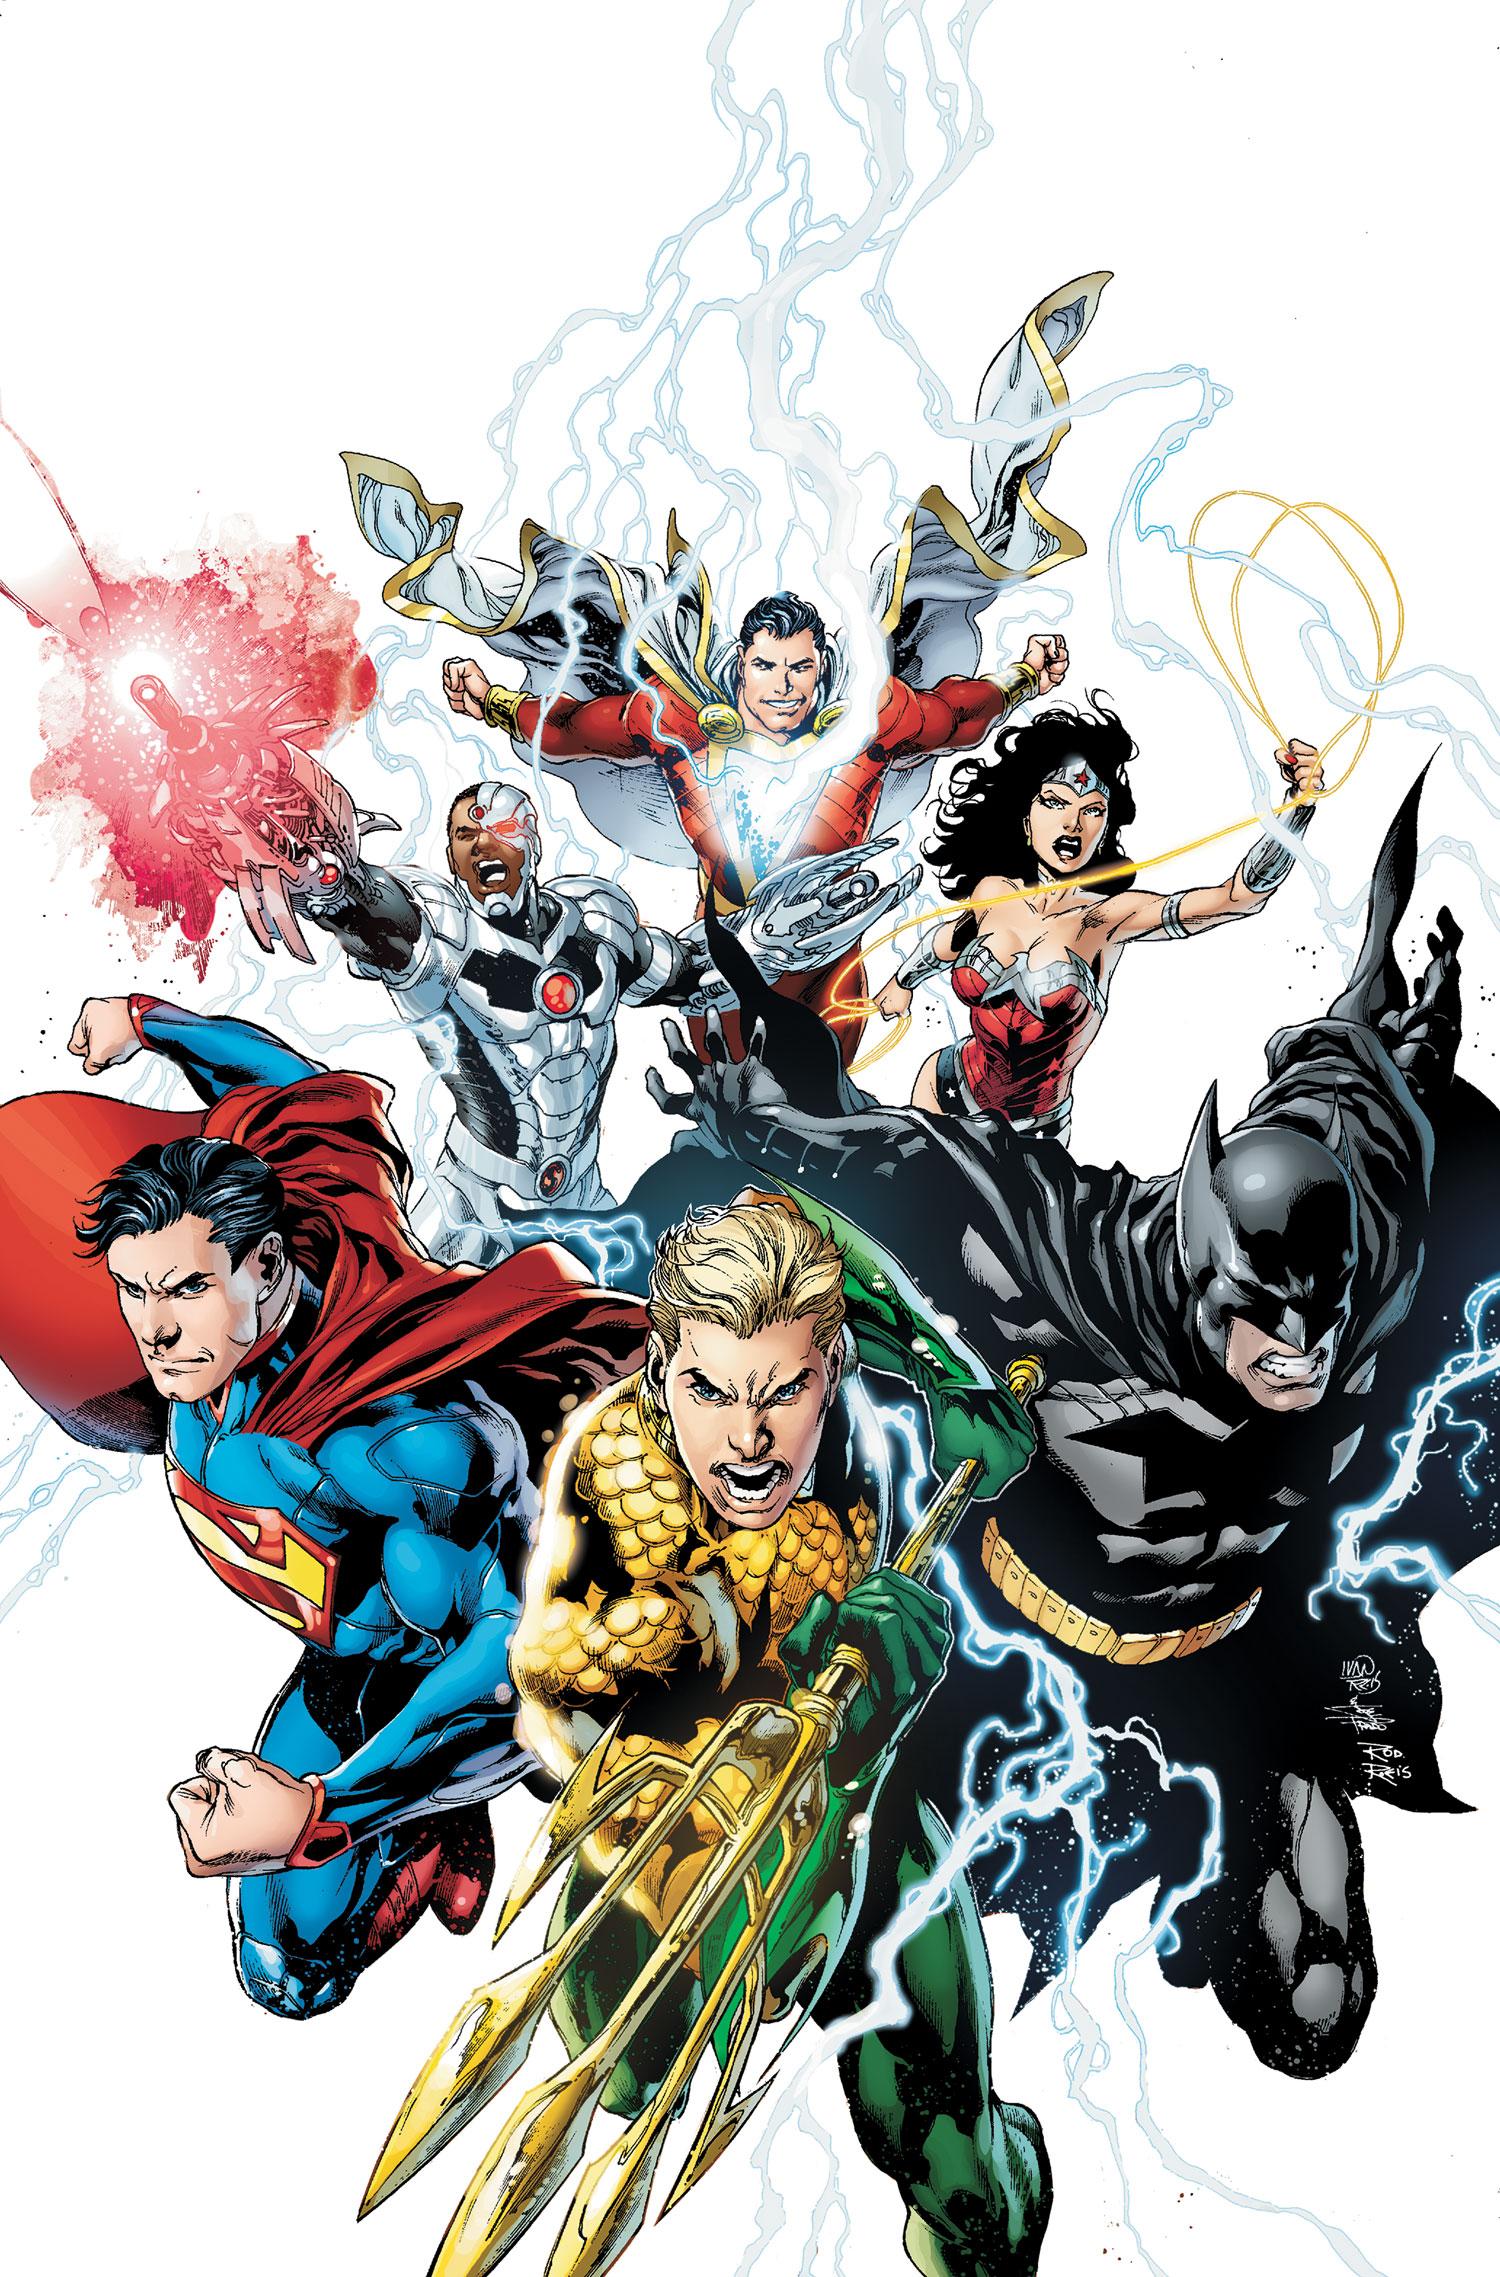 Dc Comics Justice League : Justice league ace comics uk and online comic shop